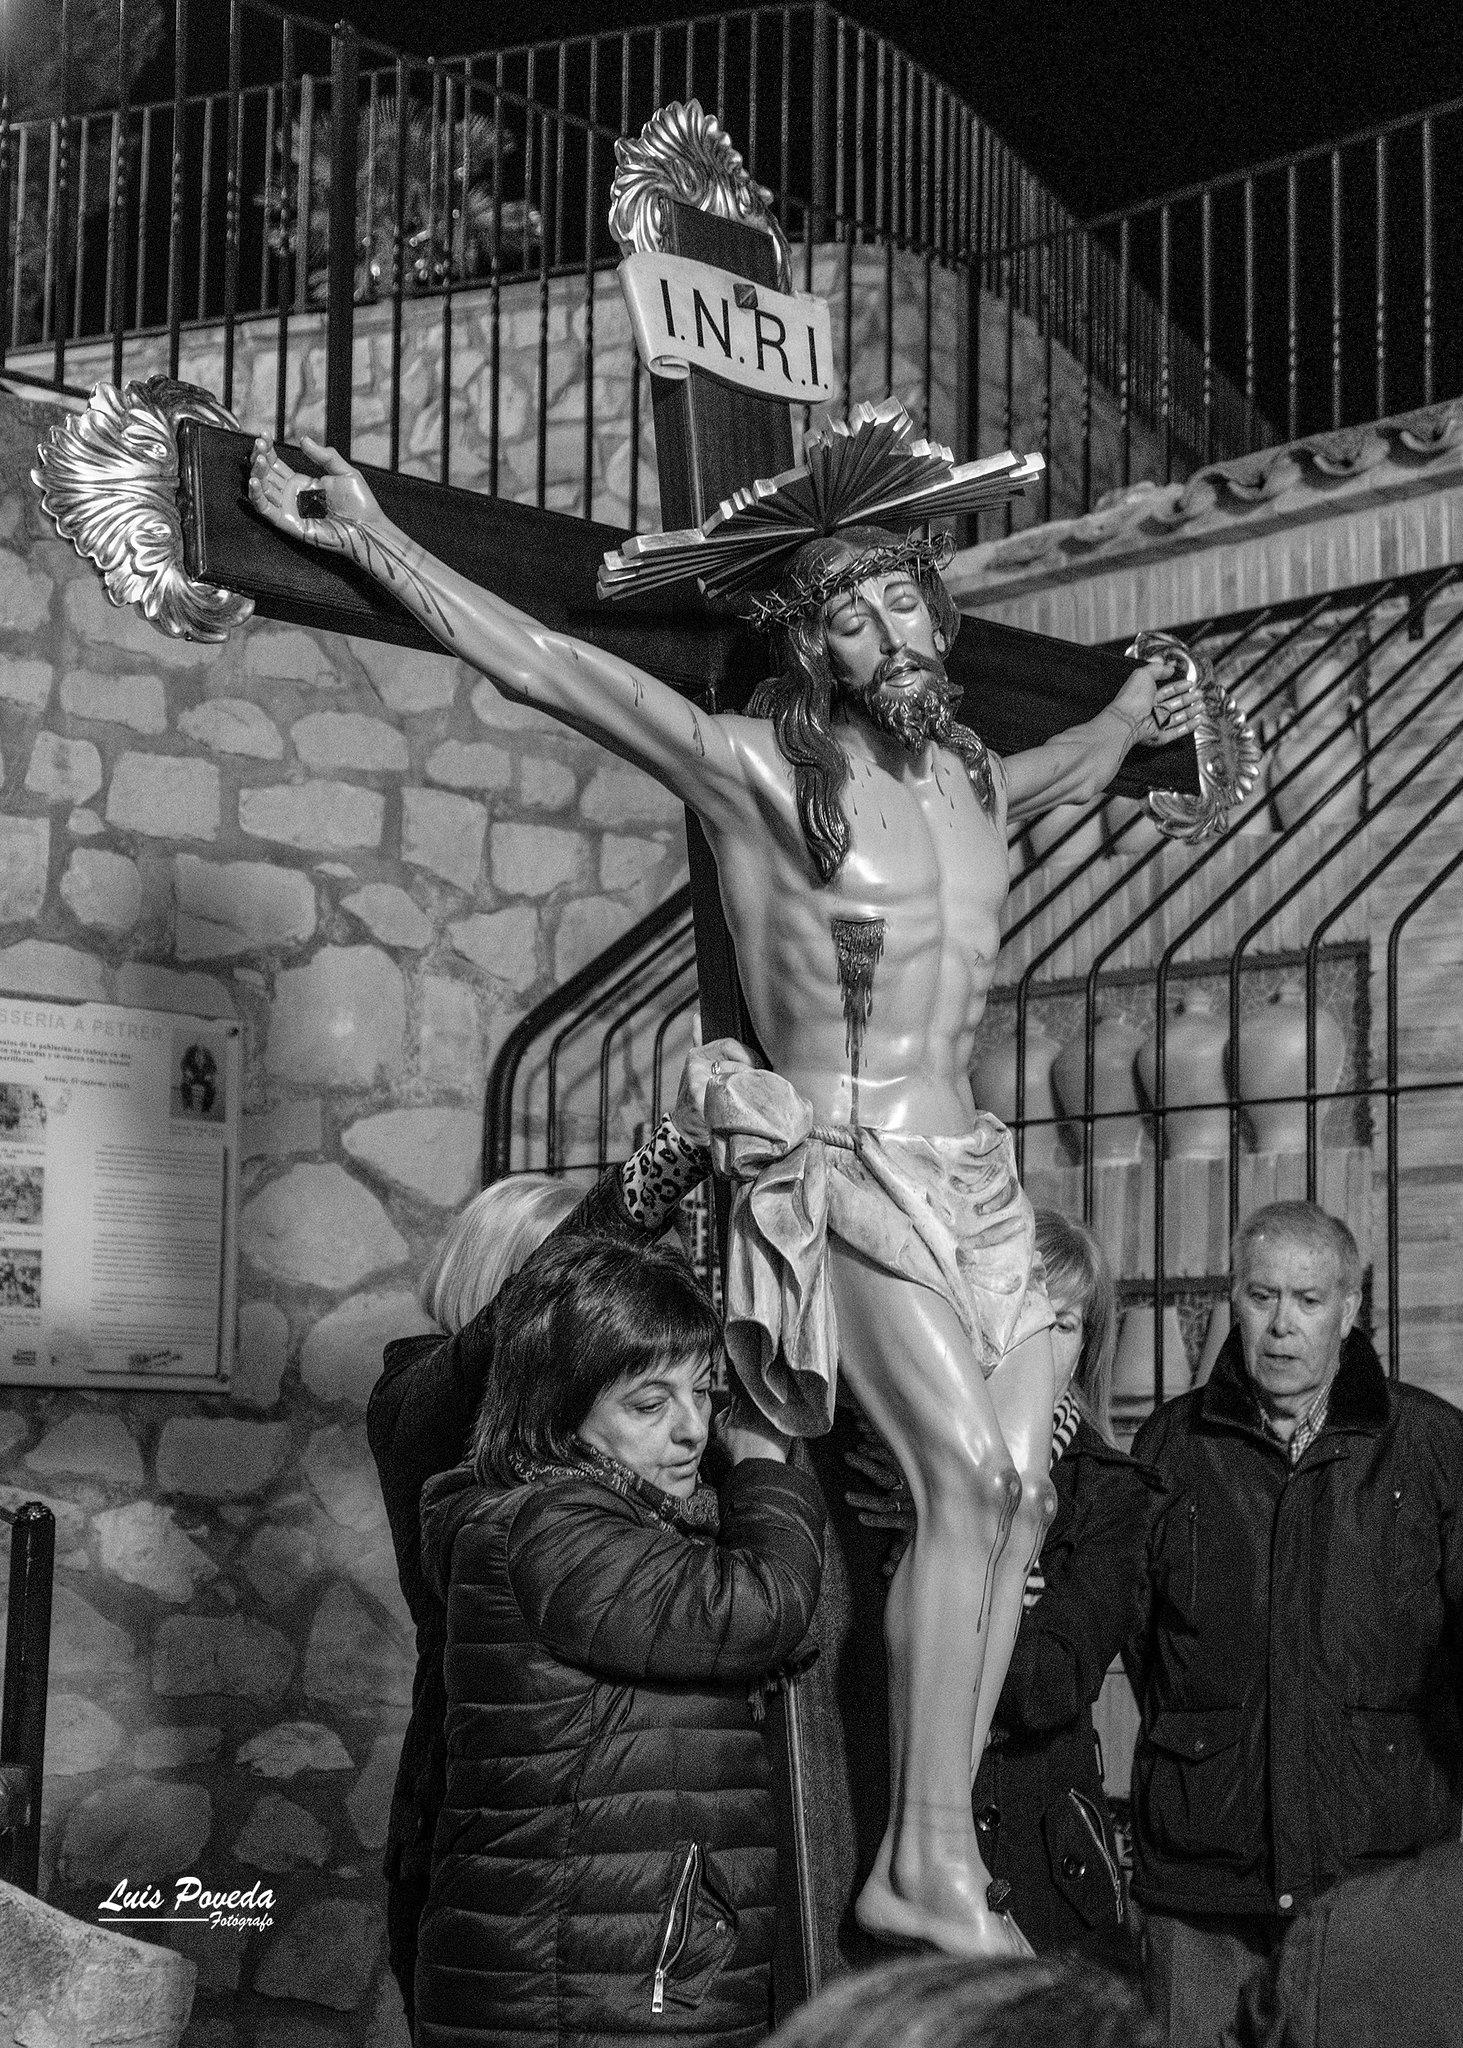 (2019-04-12) - X Vía Crucis nocturno - Luis Poveda Galiano (01)